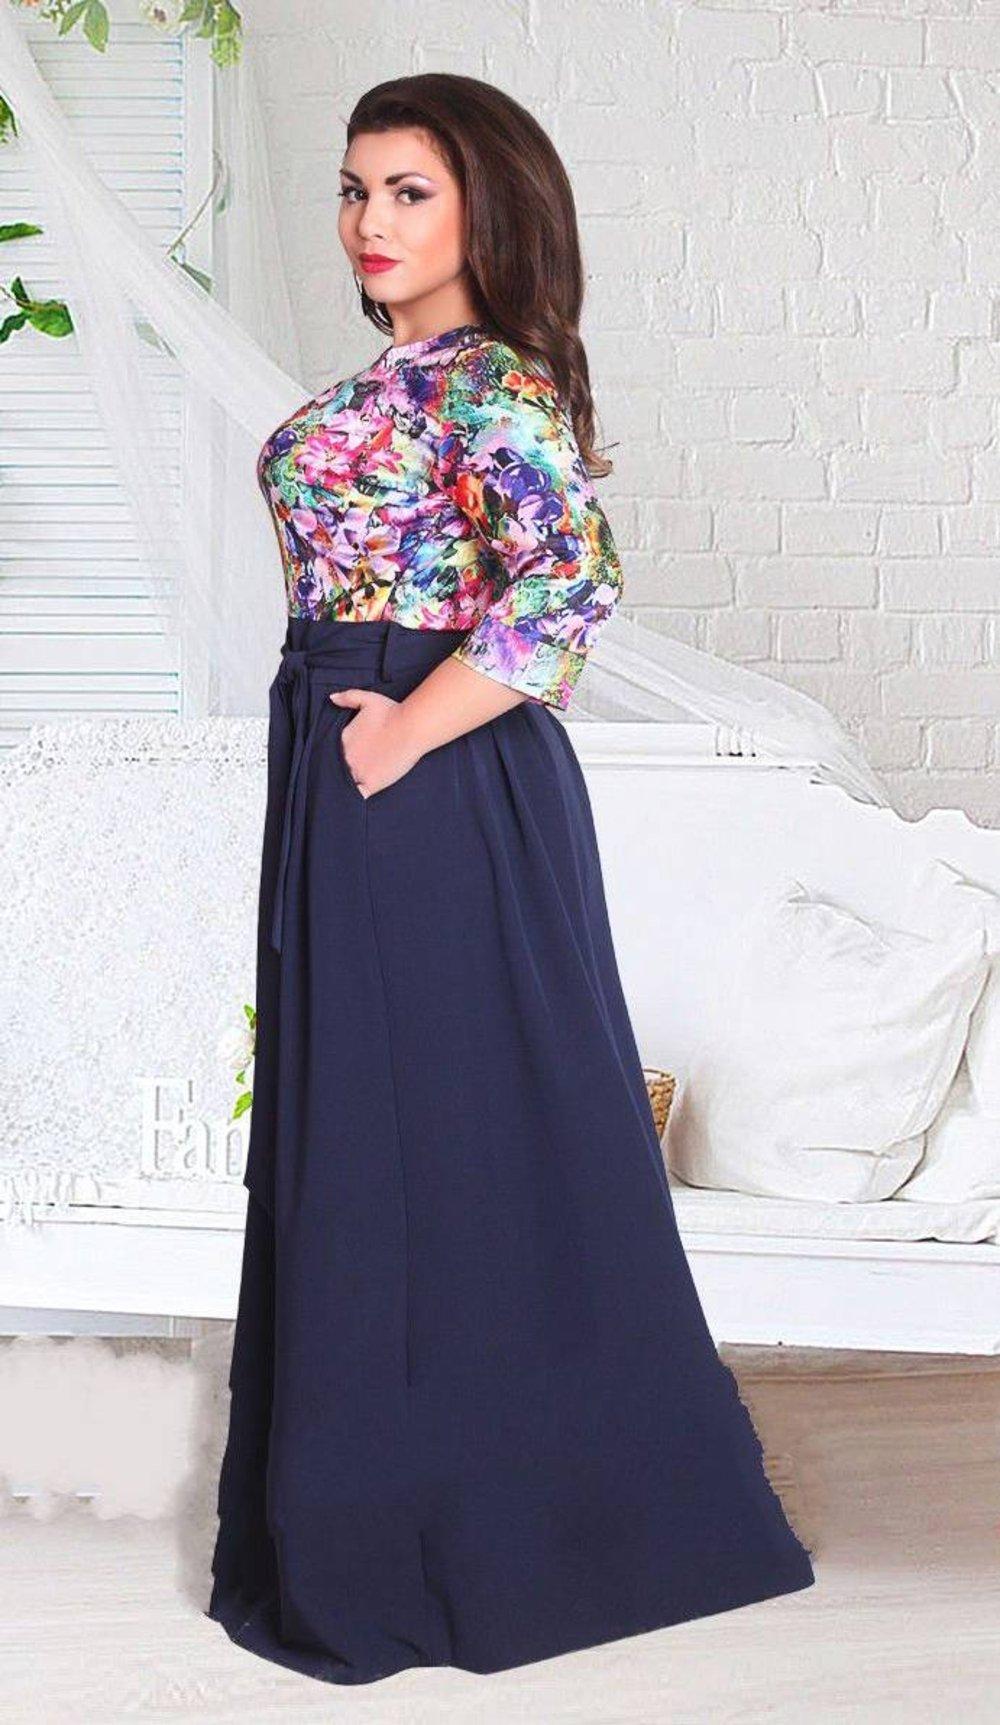 Маркиза одежда больших размеров доставка